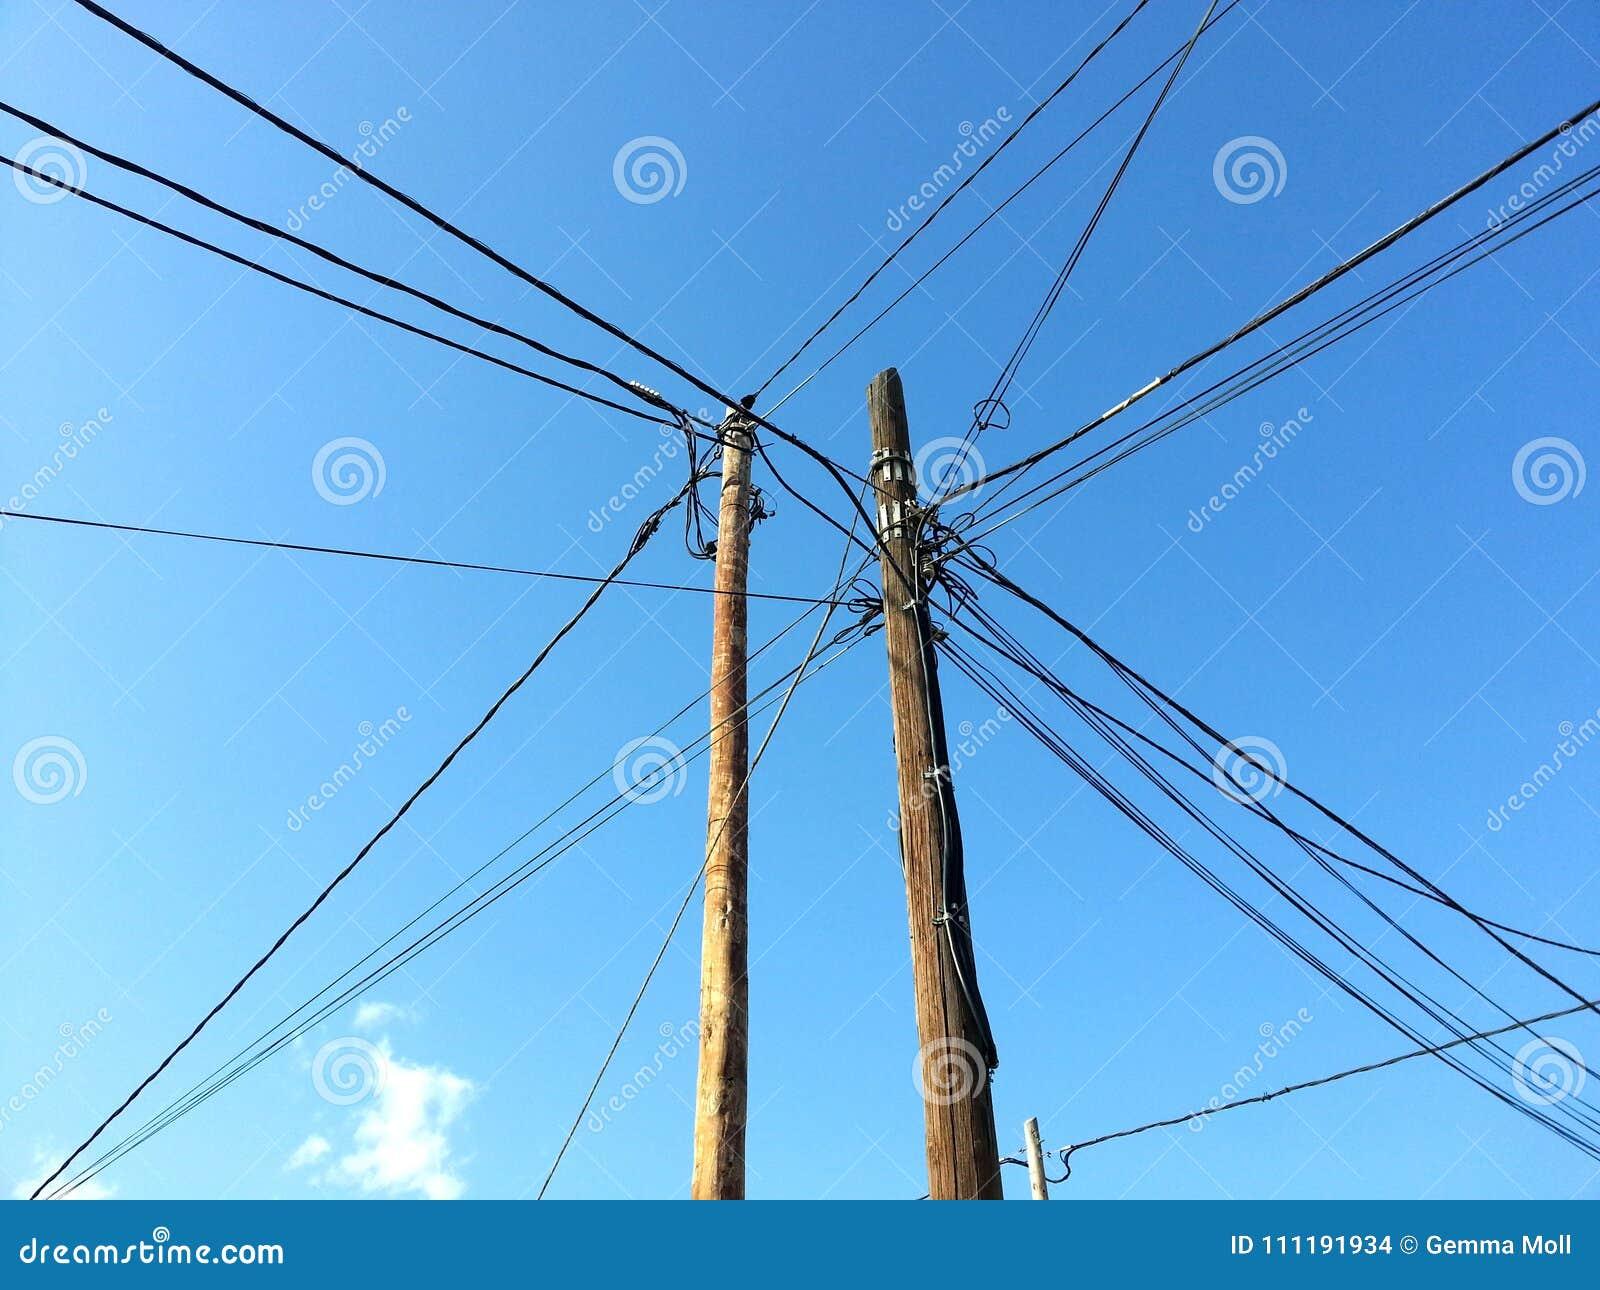 Emaranhado de cabos bondes, com o céu azul